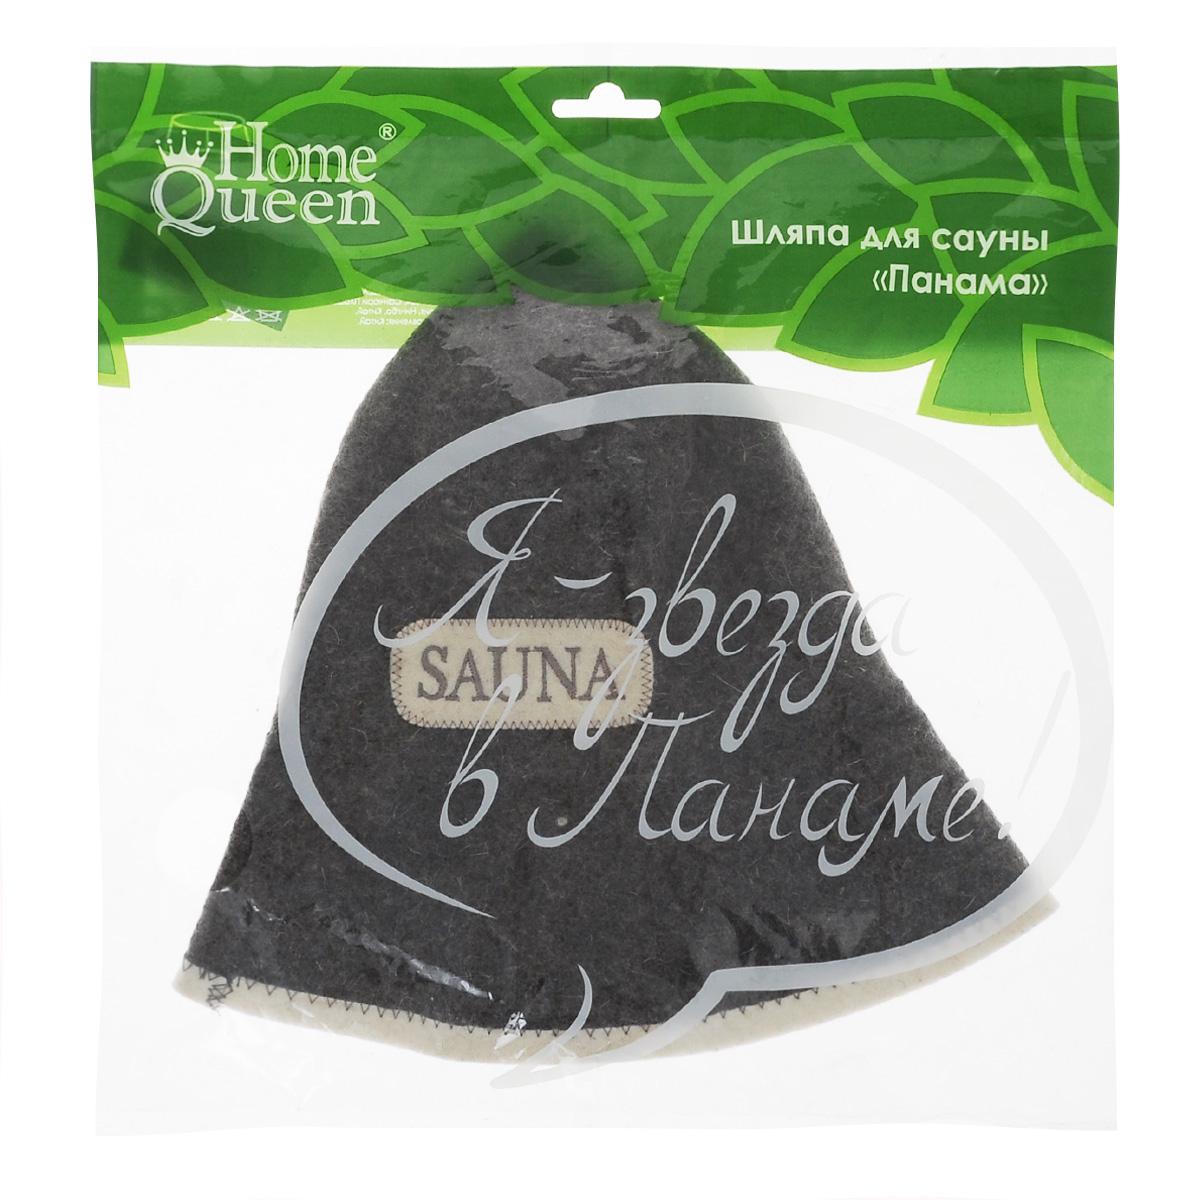 Шапка для сауны Home Queen Панама наборы аксессуаров для бани proffi набор подарочный для бани и сауны звезда веник березовый шапка банная